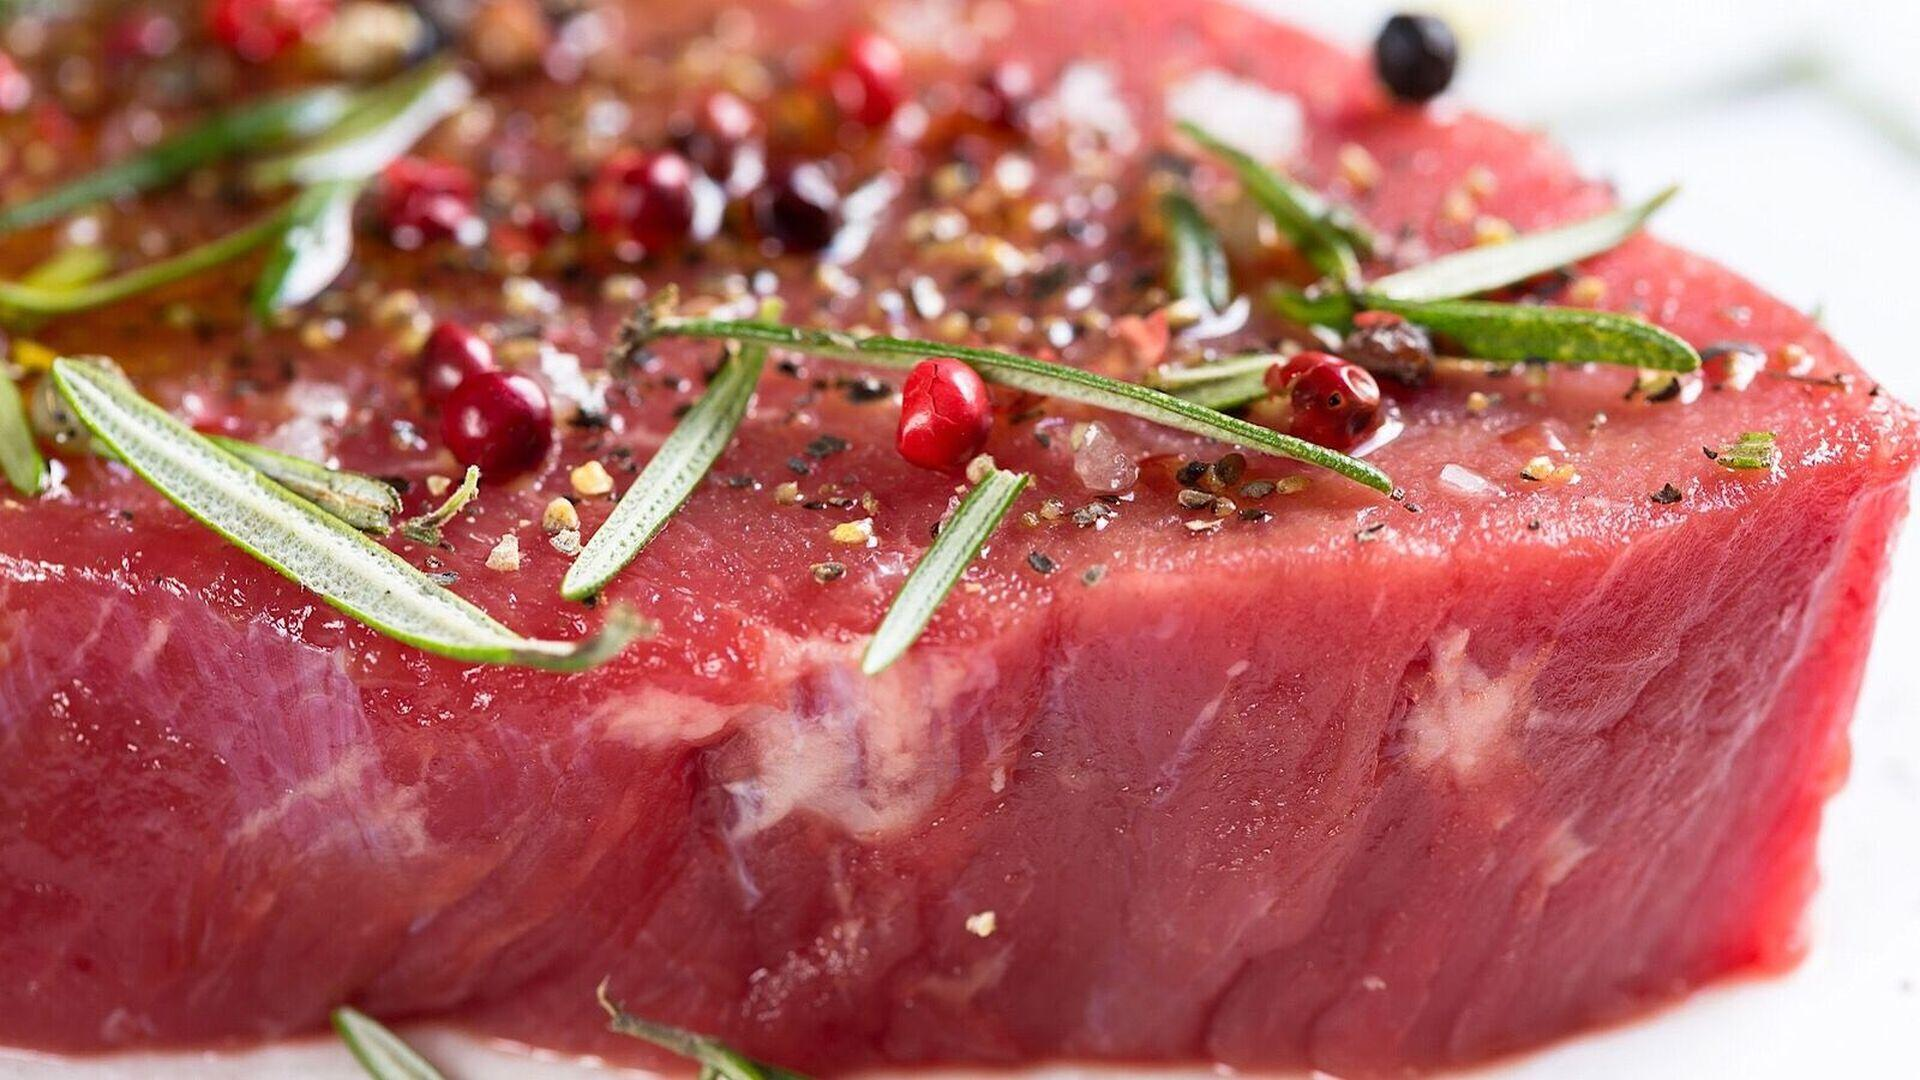 Ученые реабилитировали красное мясо. Доказательства его вреда оказались слабыми